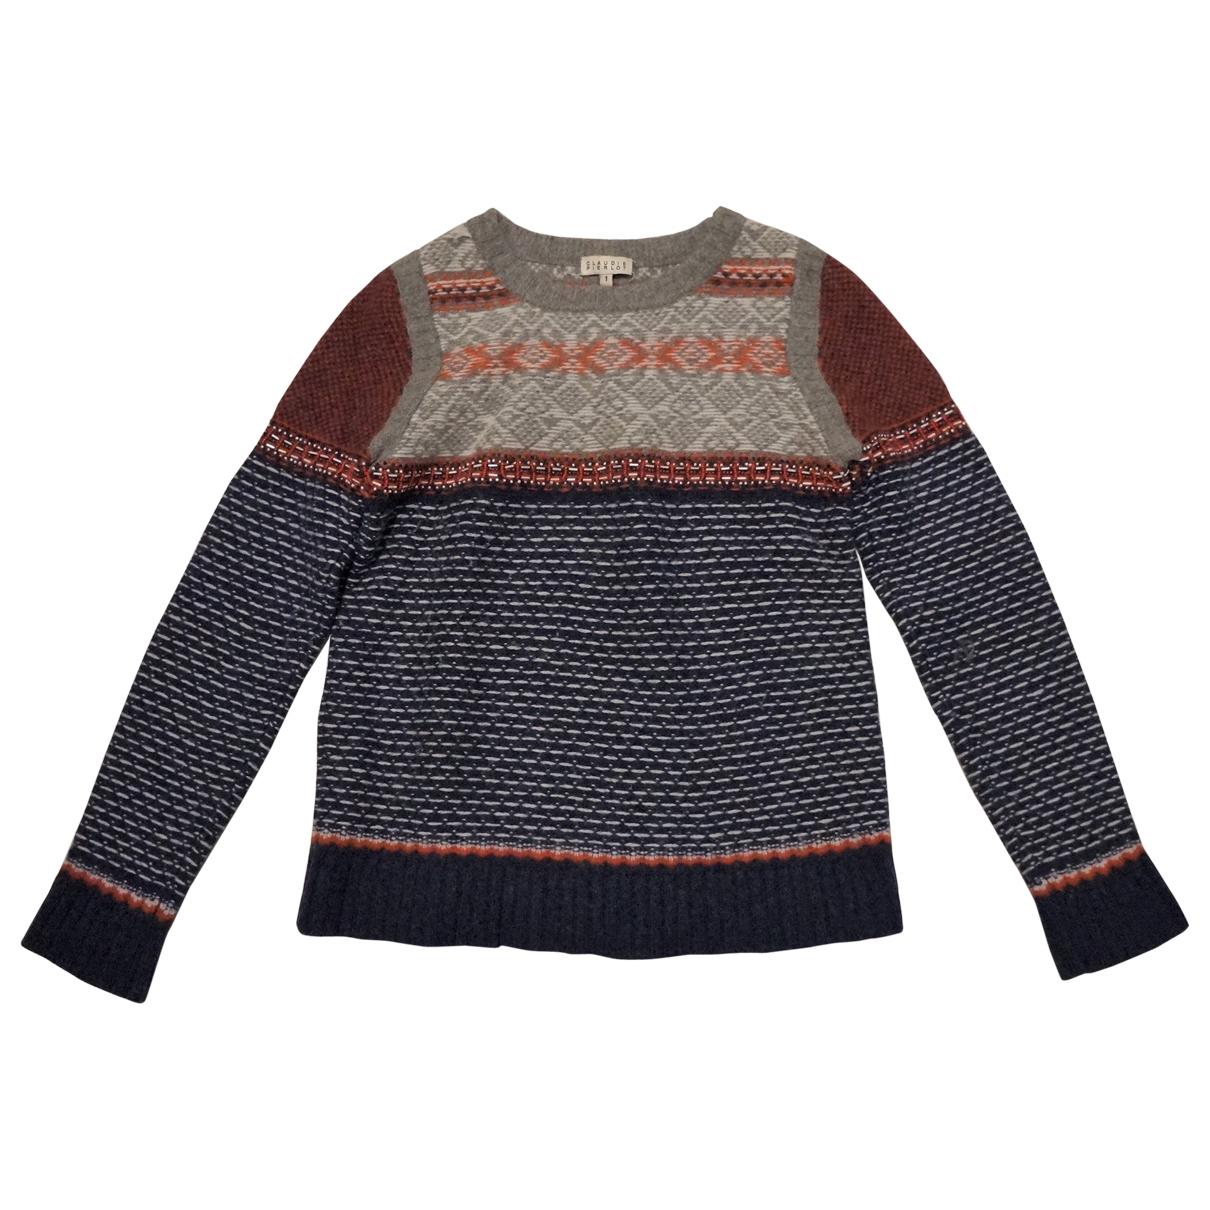 Claudie Pierlot - Pull   pour femme en laine - multicolore